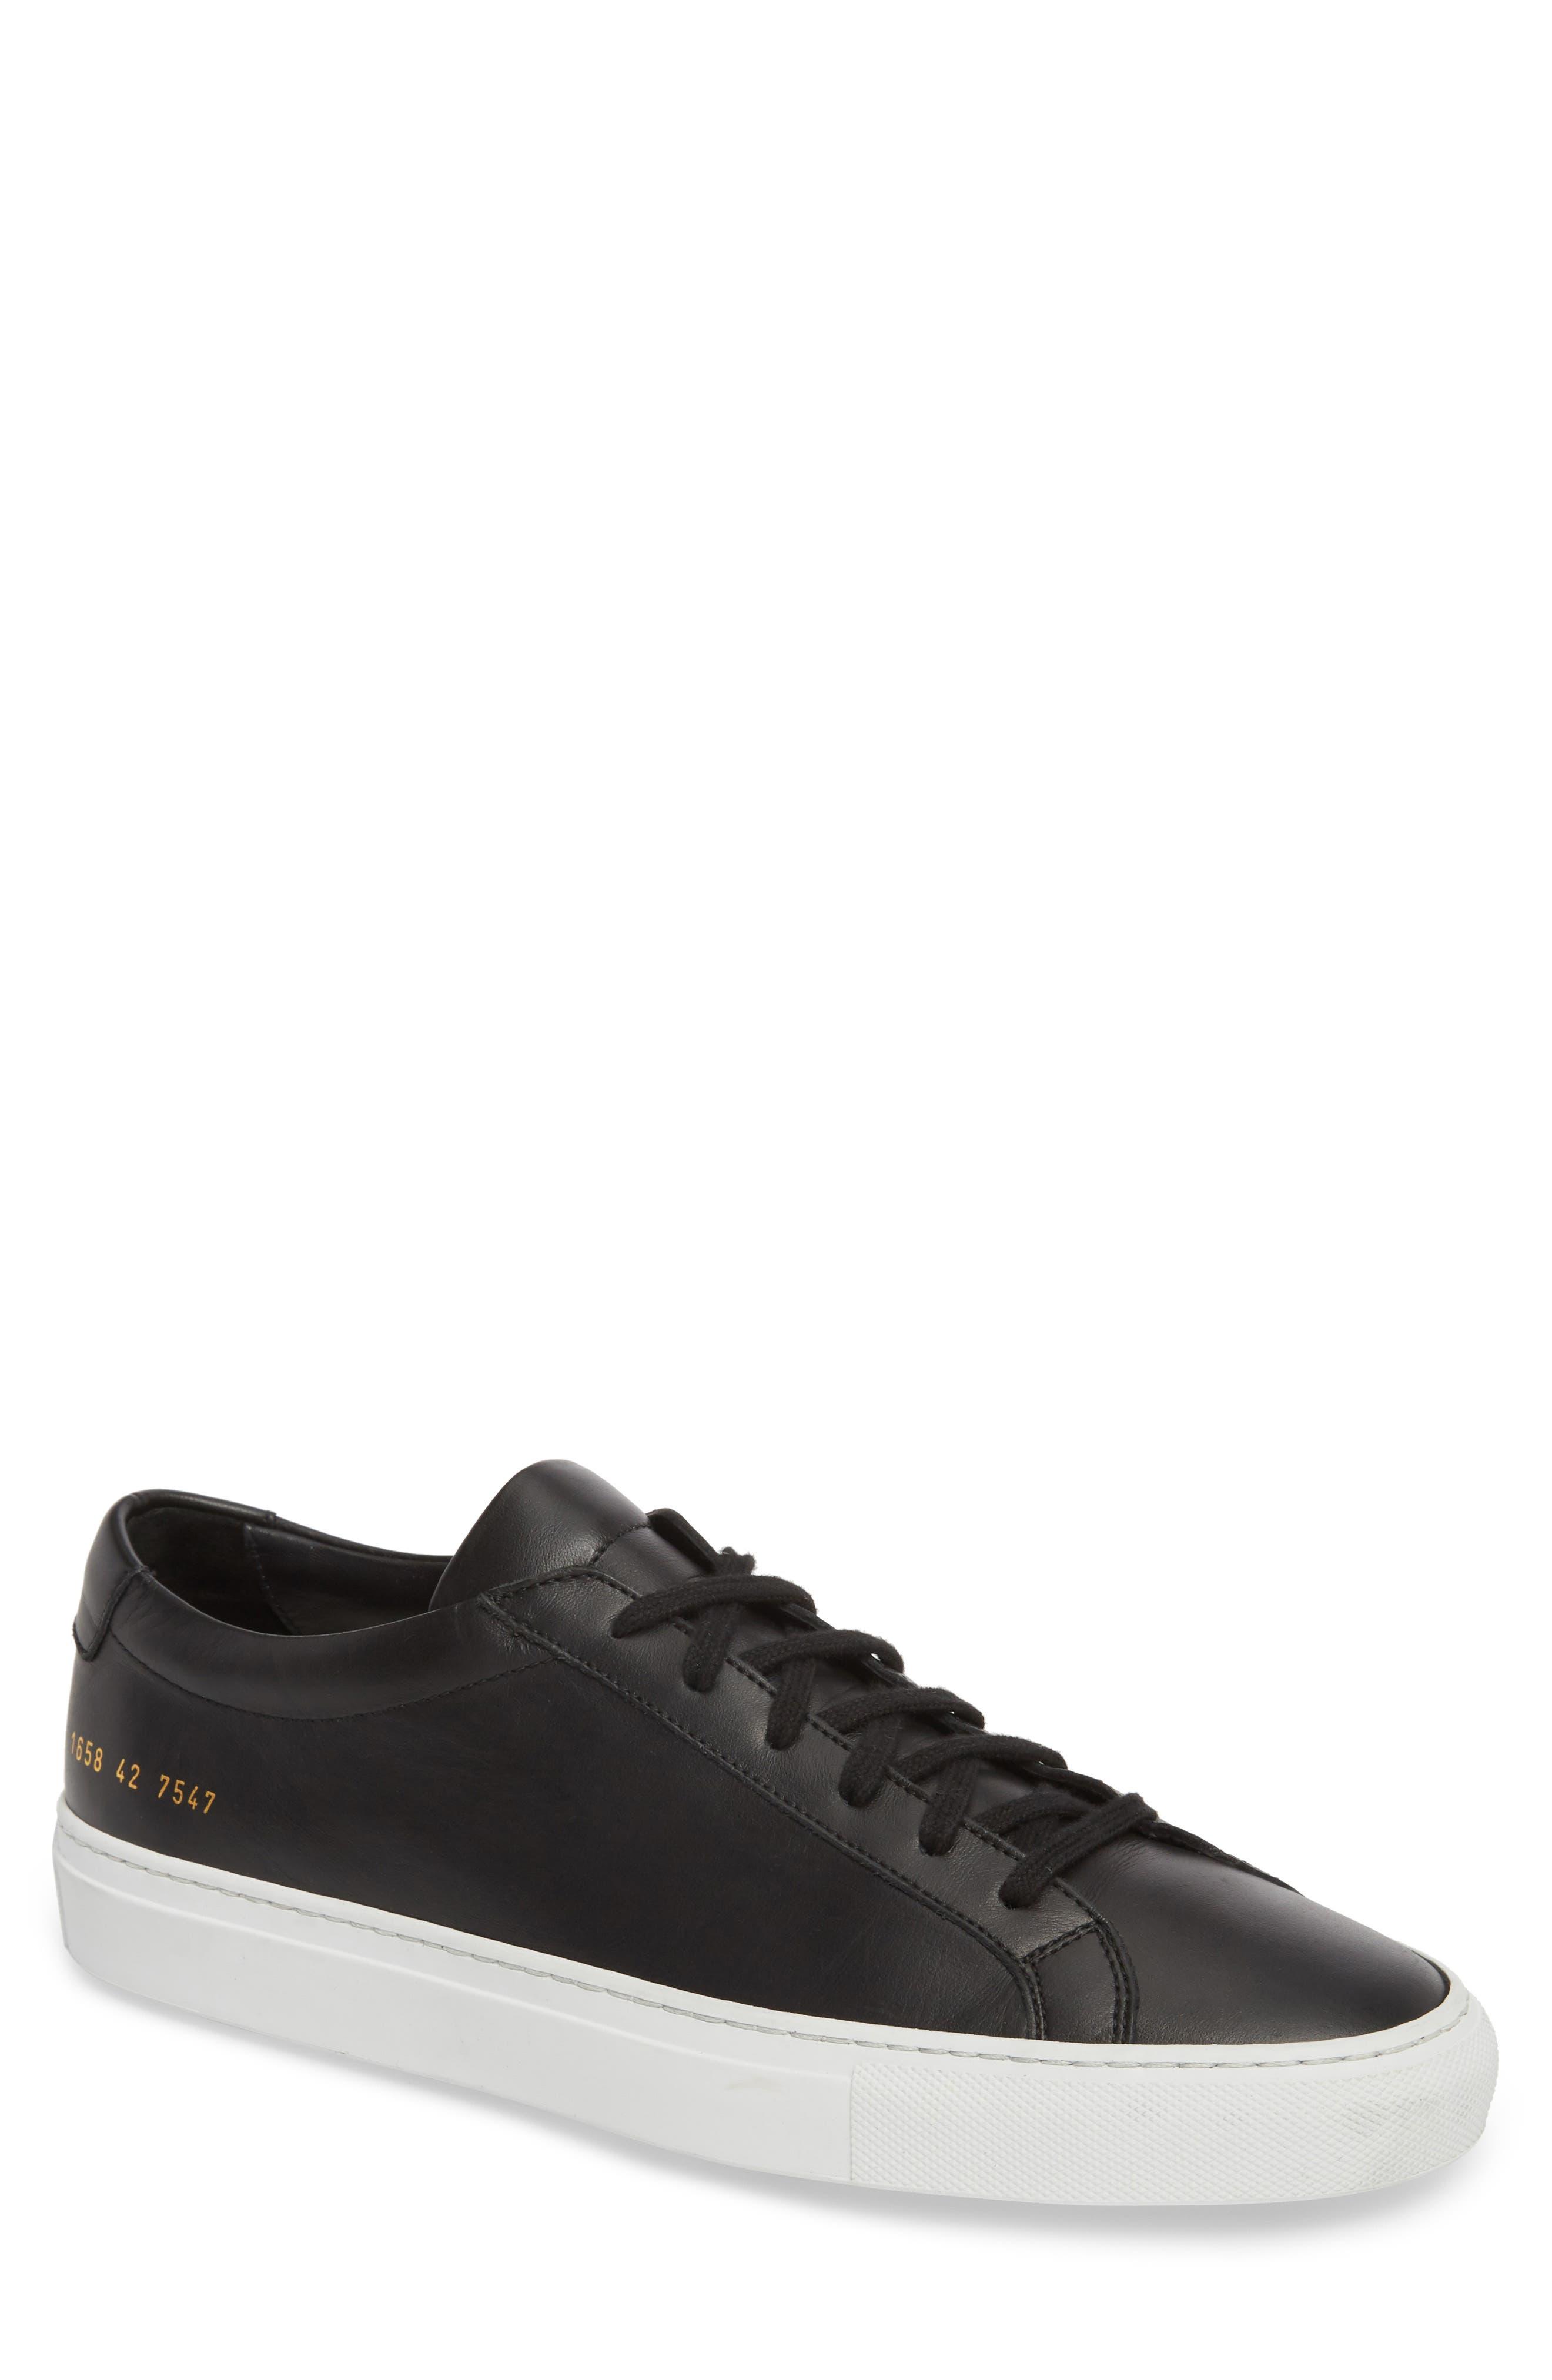 Achilles Low Sneaker,                         Main,                         color, BLACK LEATHER